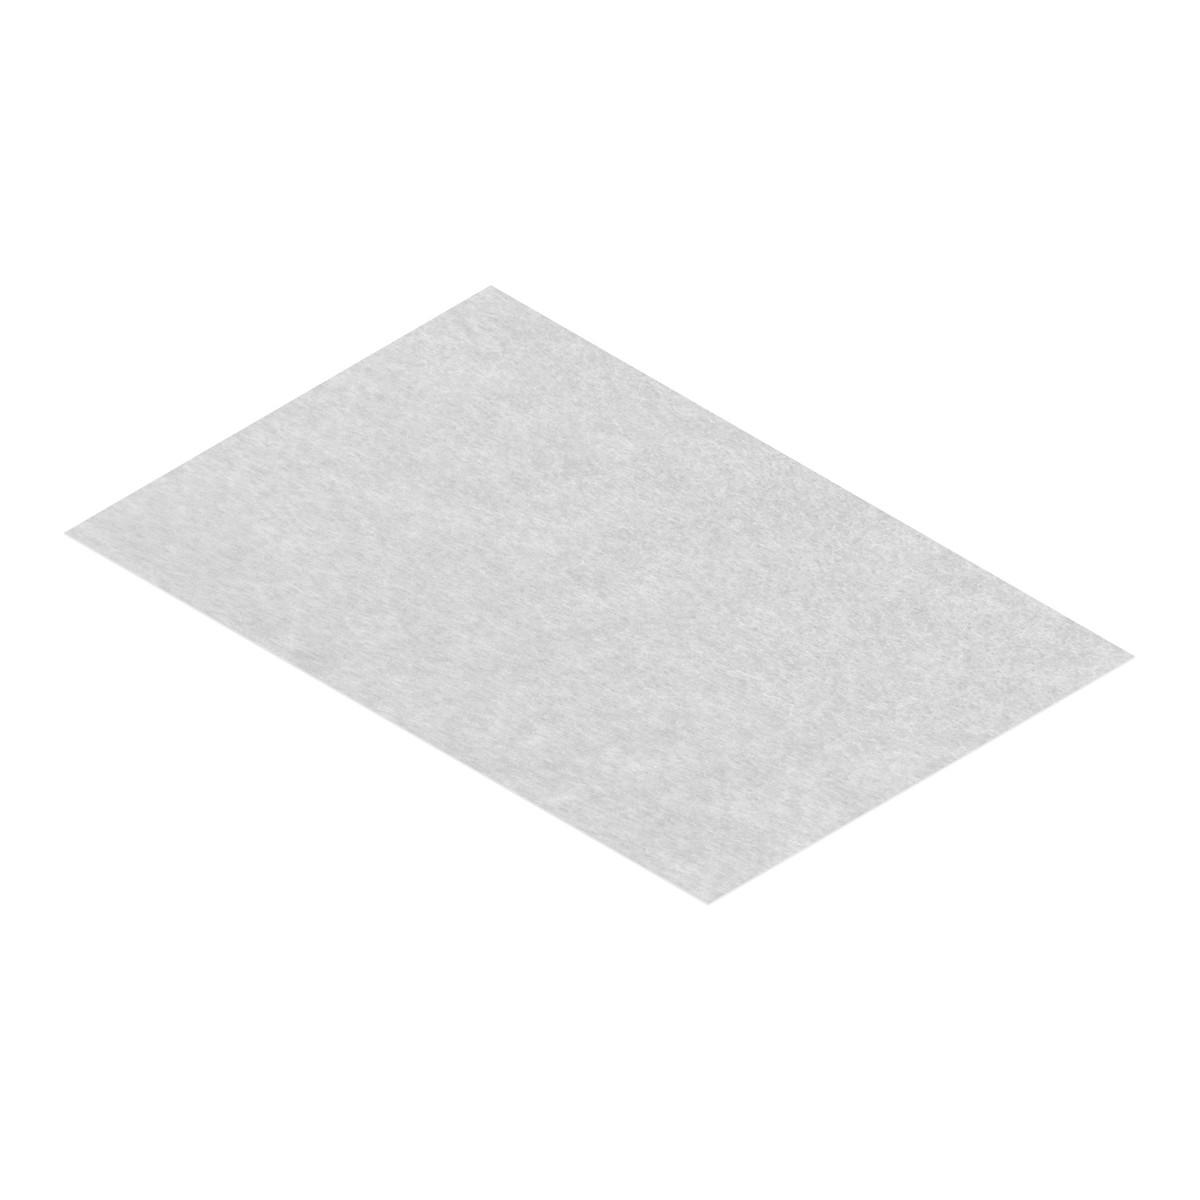 Filtro cappa L 45 - 45 x 57 cm